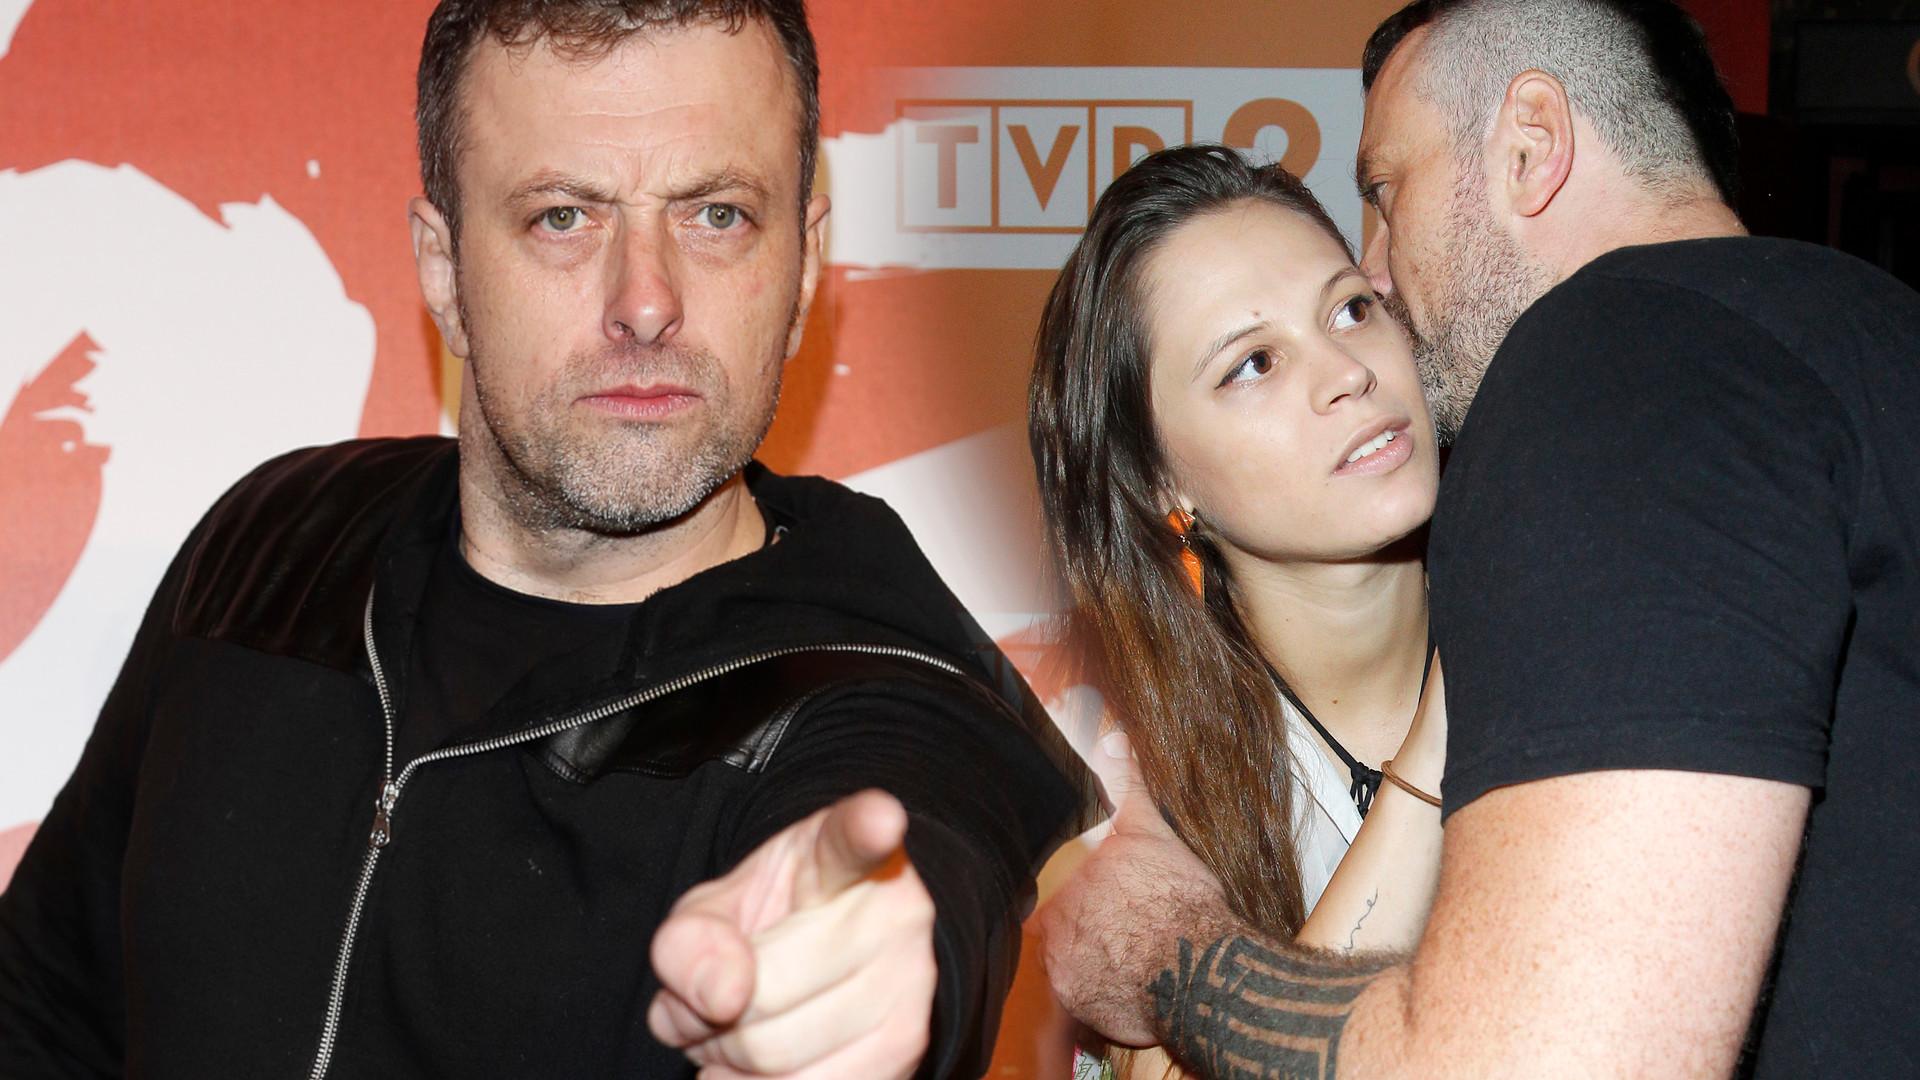 Tymon Tymański powiedział w wywiadzie, że żyje w OTWARTYM związku – jego żona po tym wyznaniu utwierdziła się w decyzji o rozwodzie